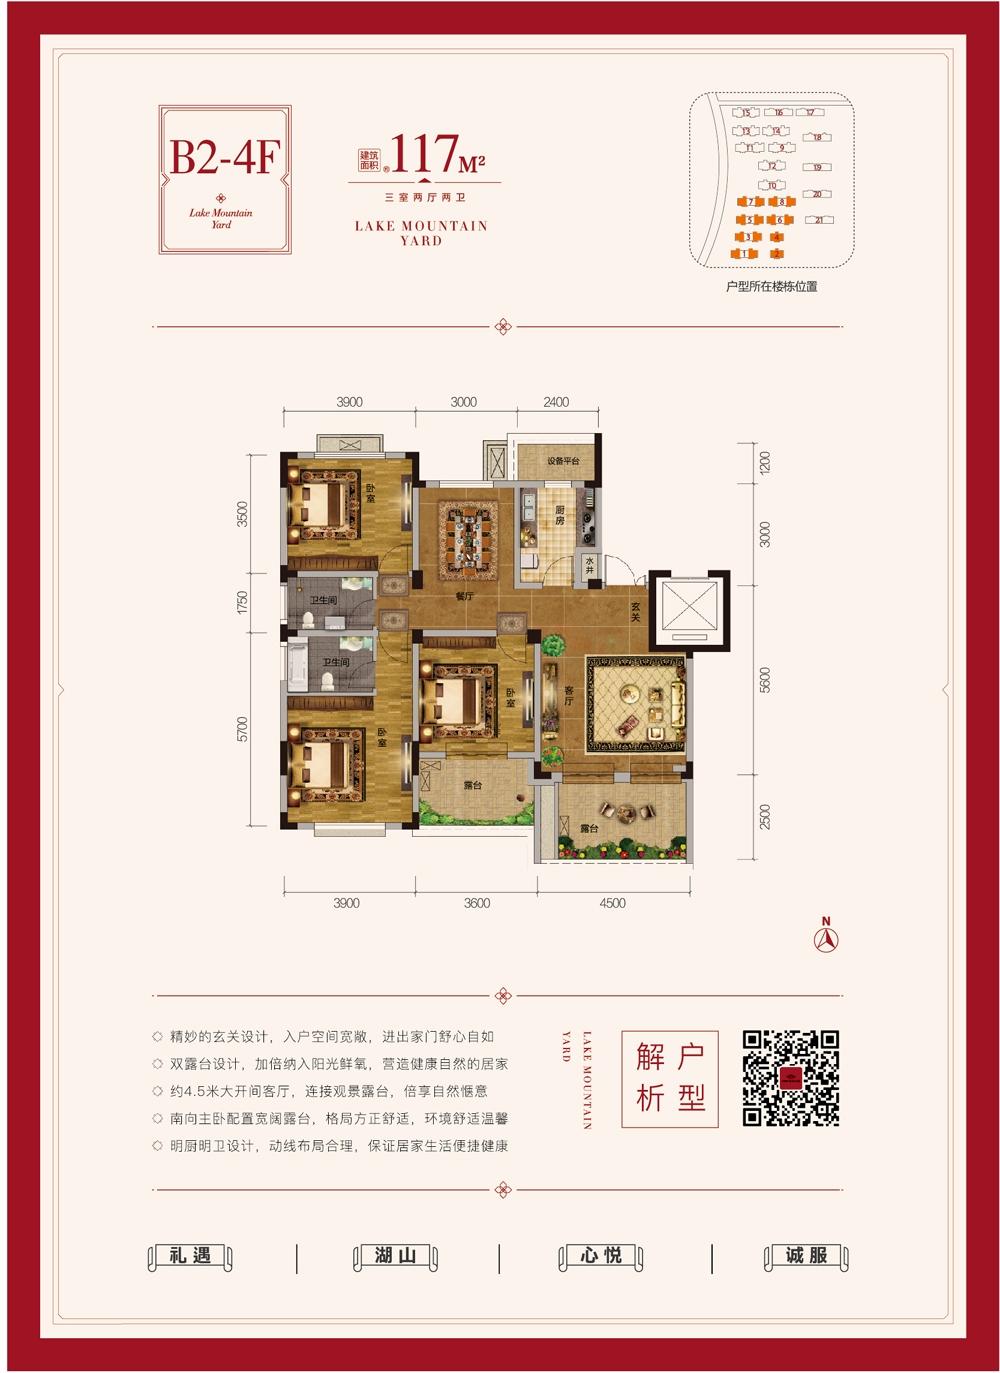 悦湖山院B2-4F户型 117㎡